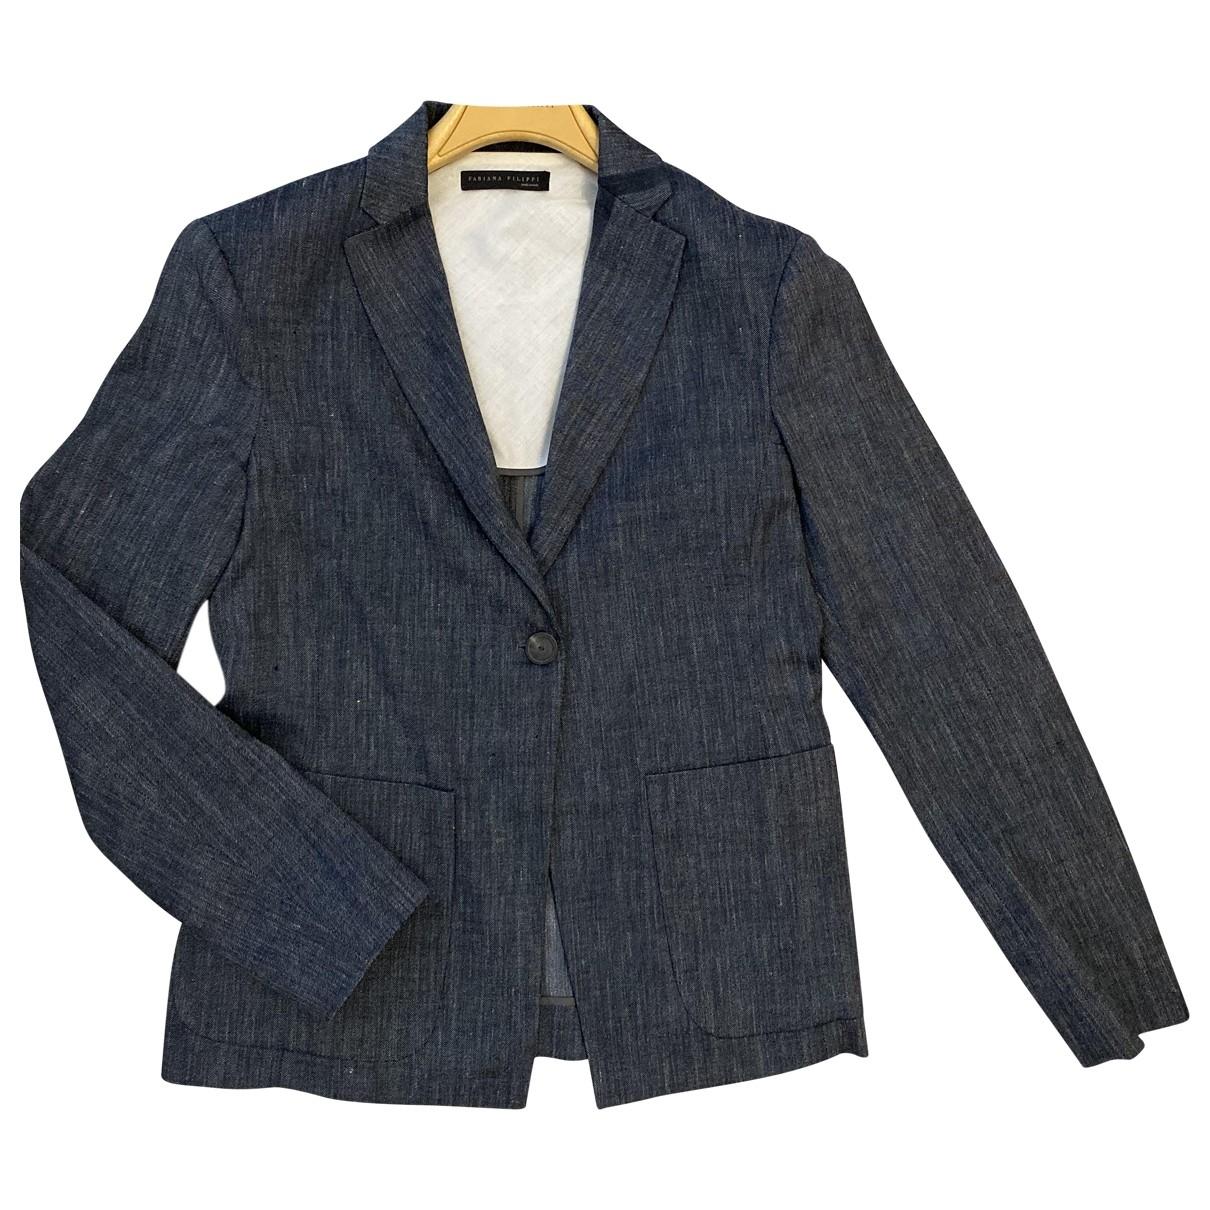 Fabiana Filippi \N Blue Wool jacket for Women 40 IT